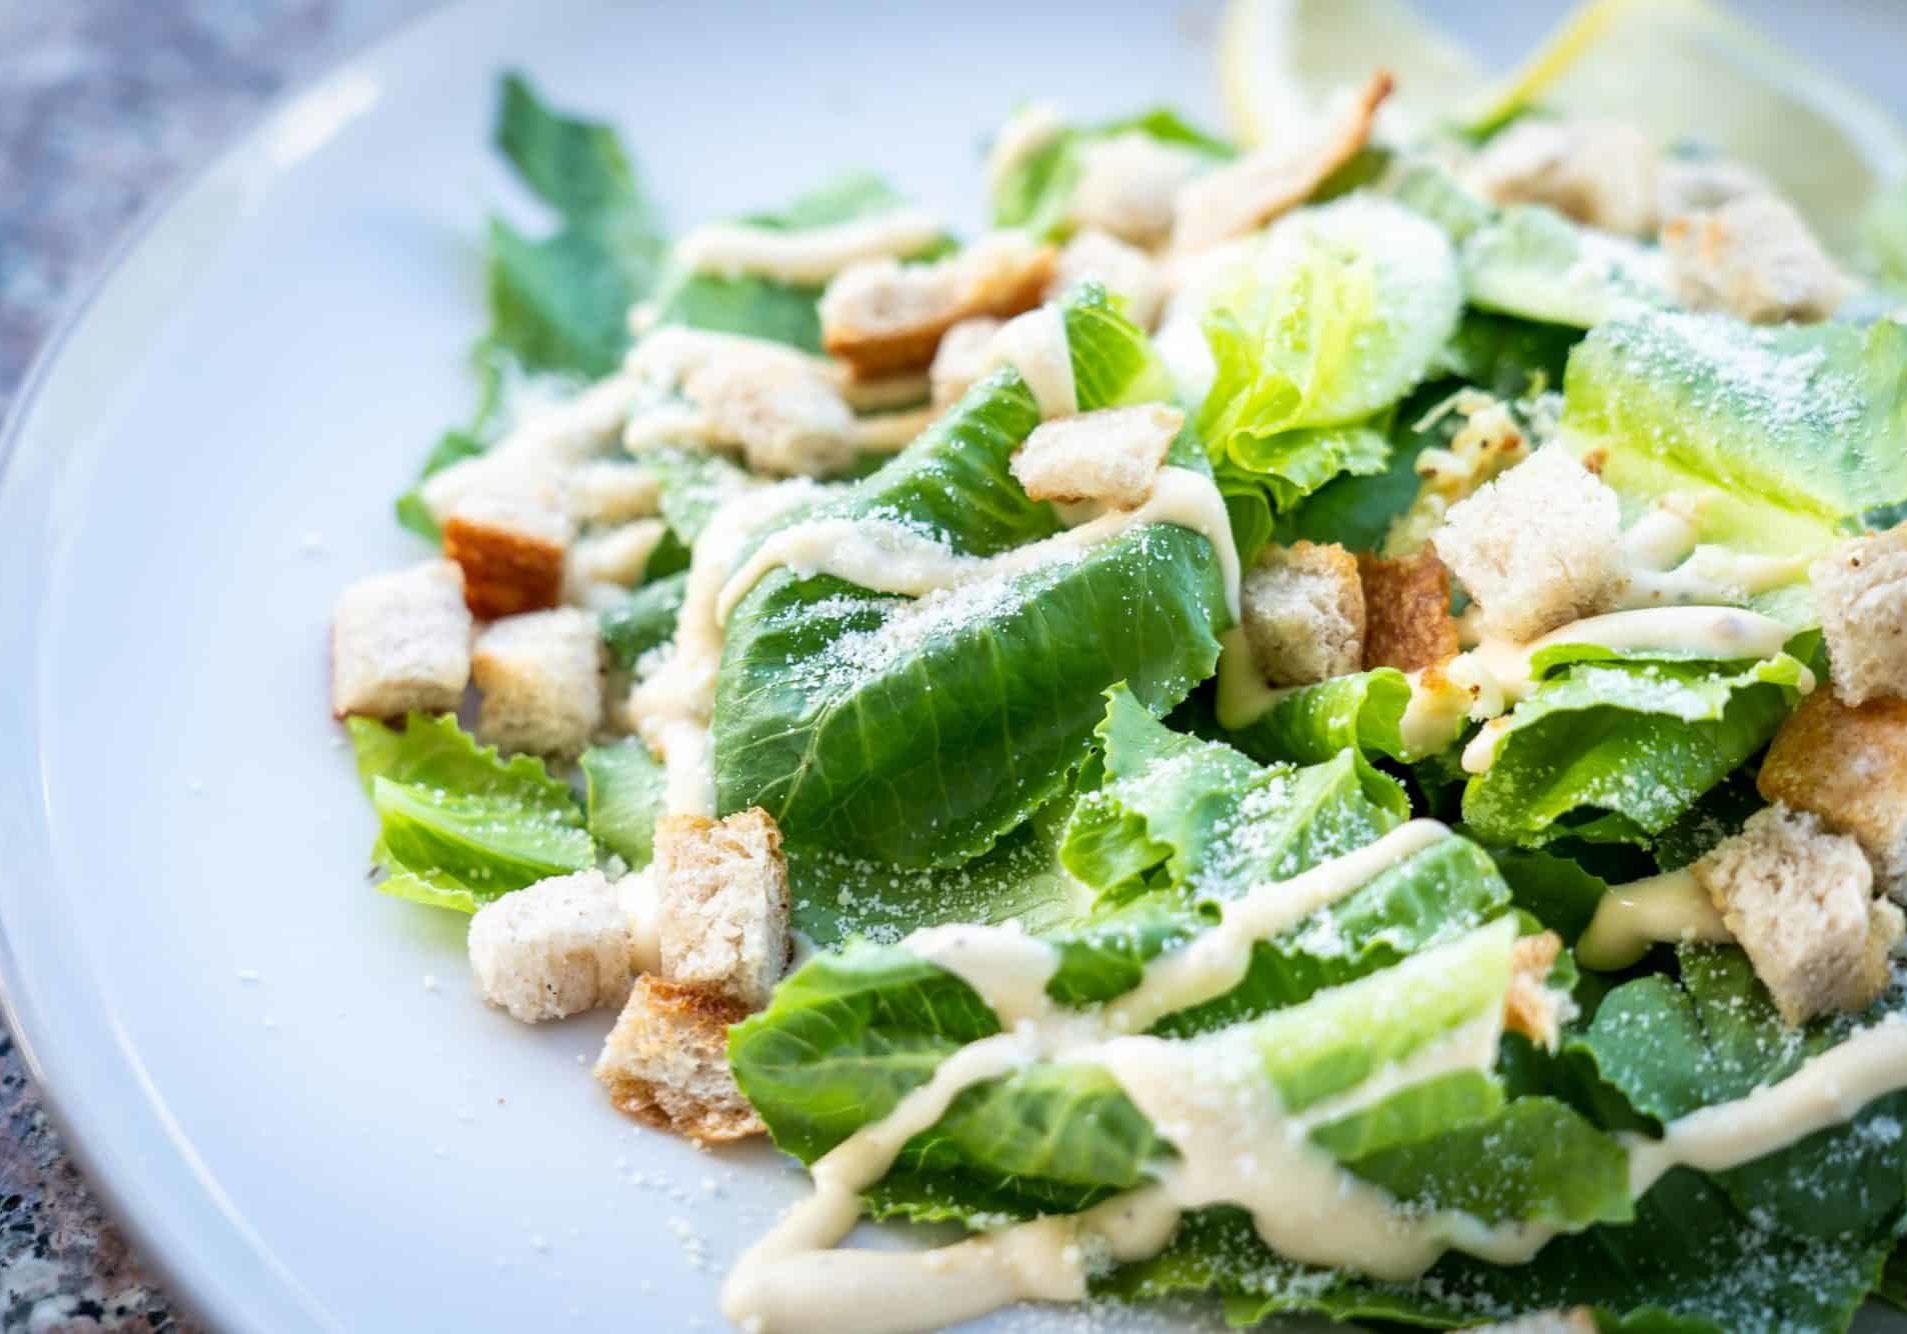 caesar salad seafood side dish